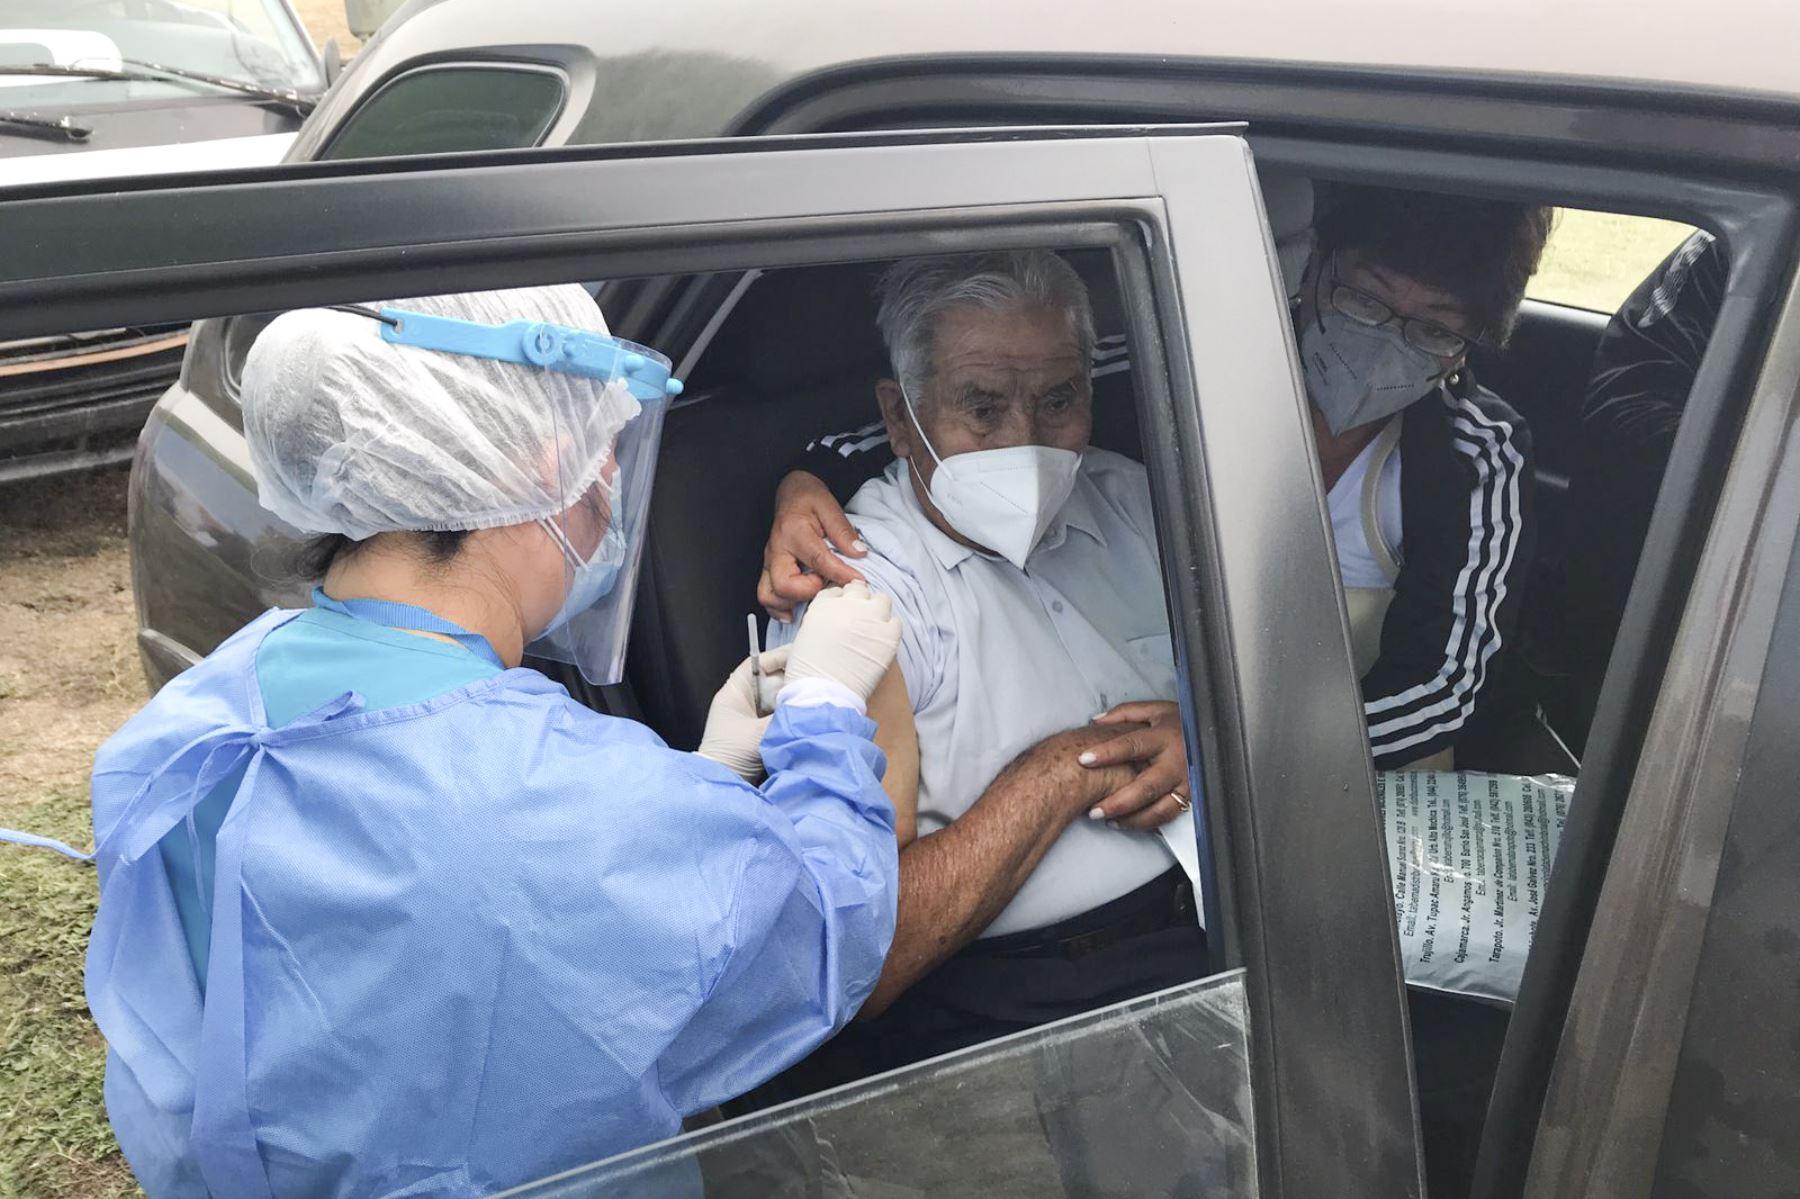 La Gerencia Regional de Salud Lambayeque coordina nuevos puntos de vacunación contra la covid-19. Foto: ANDINA/Difusión